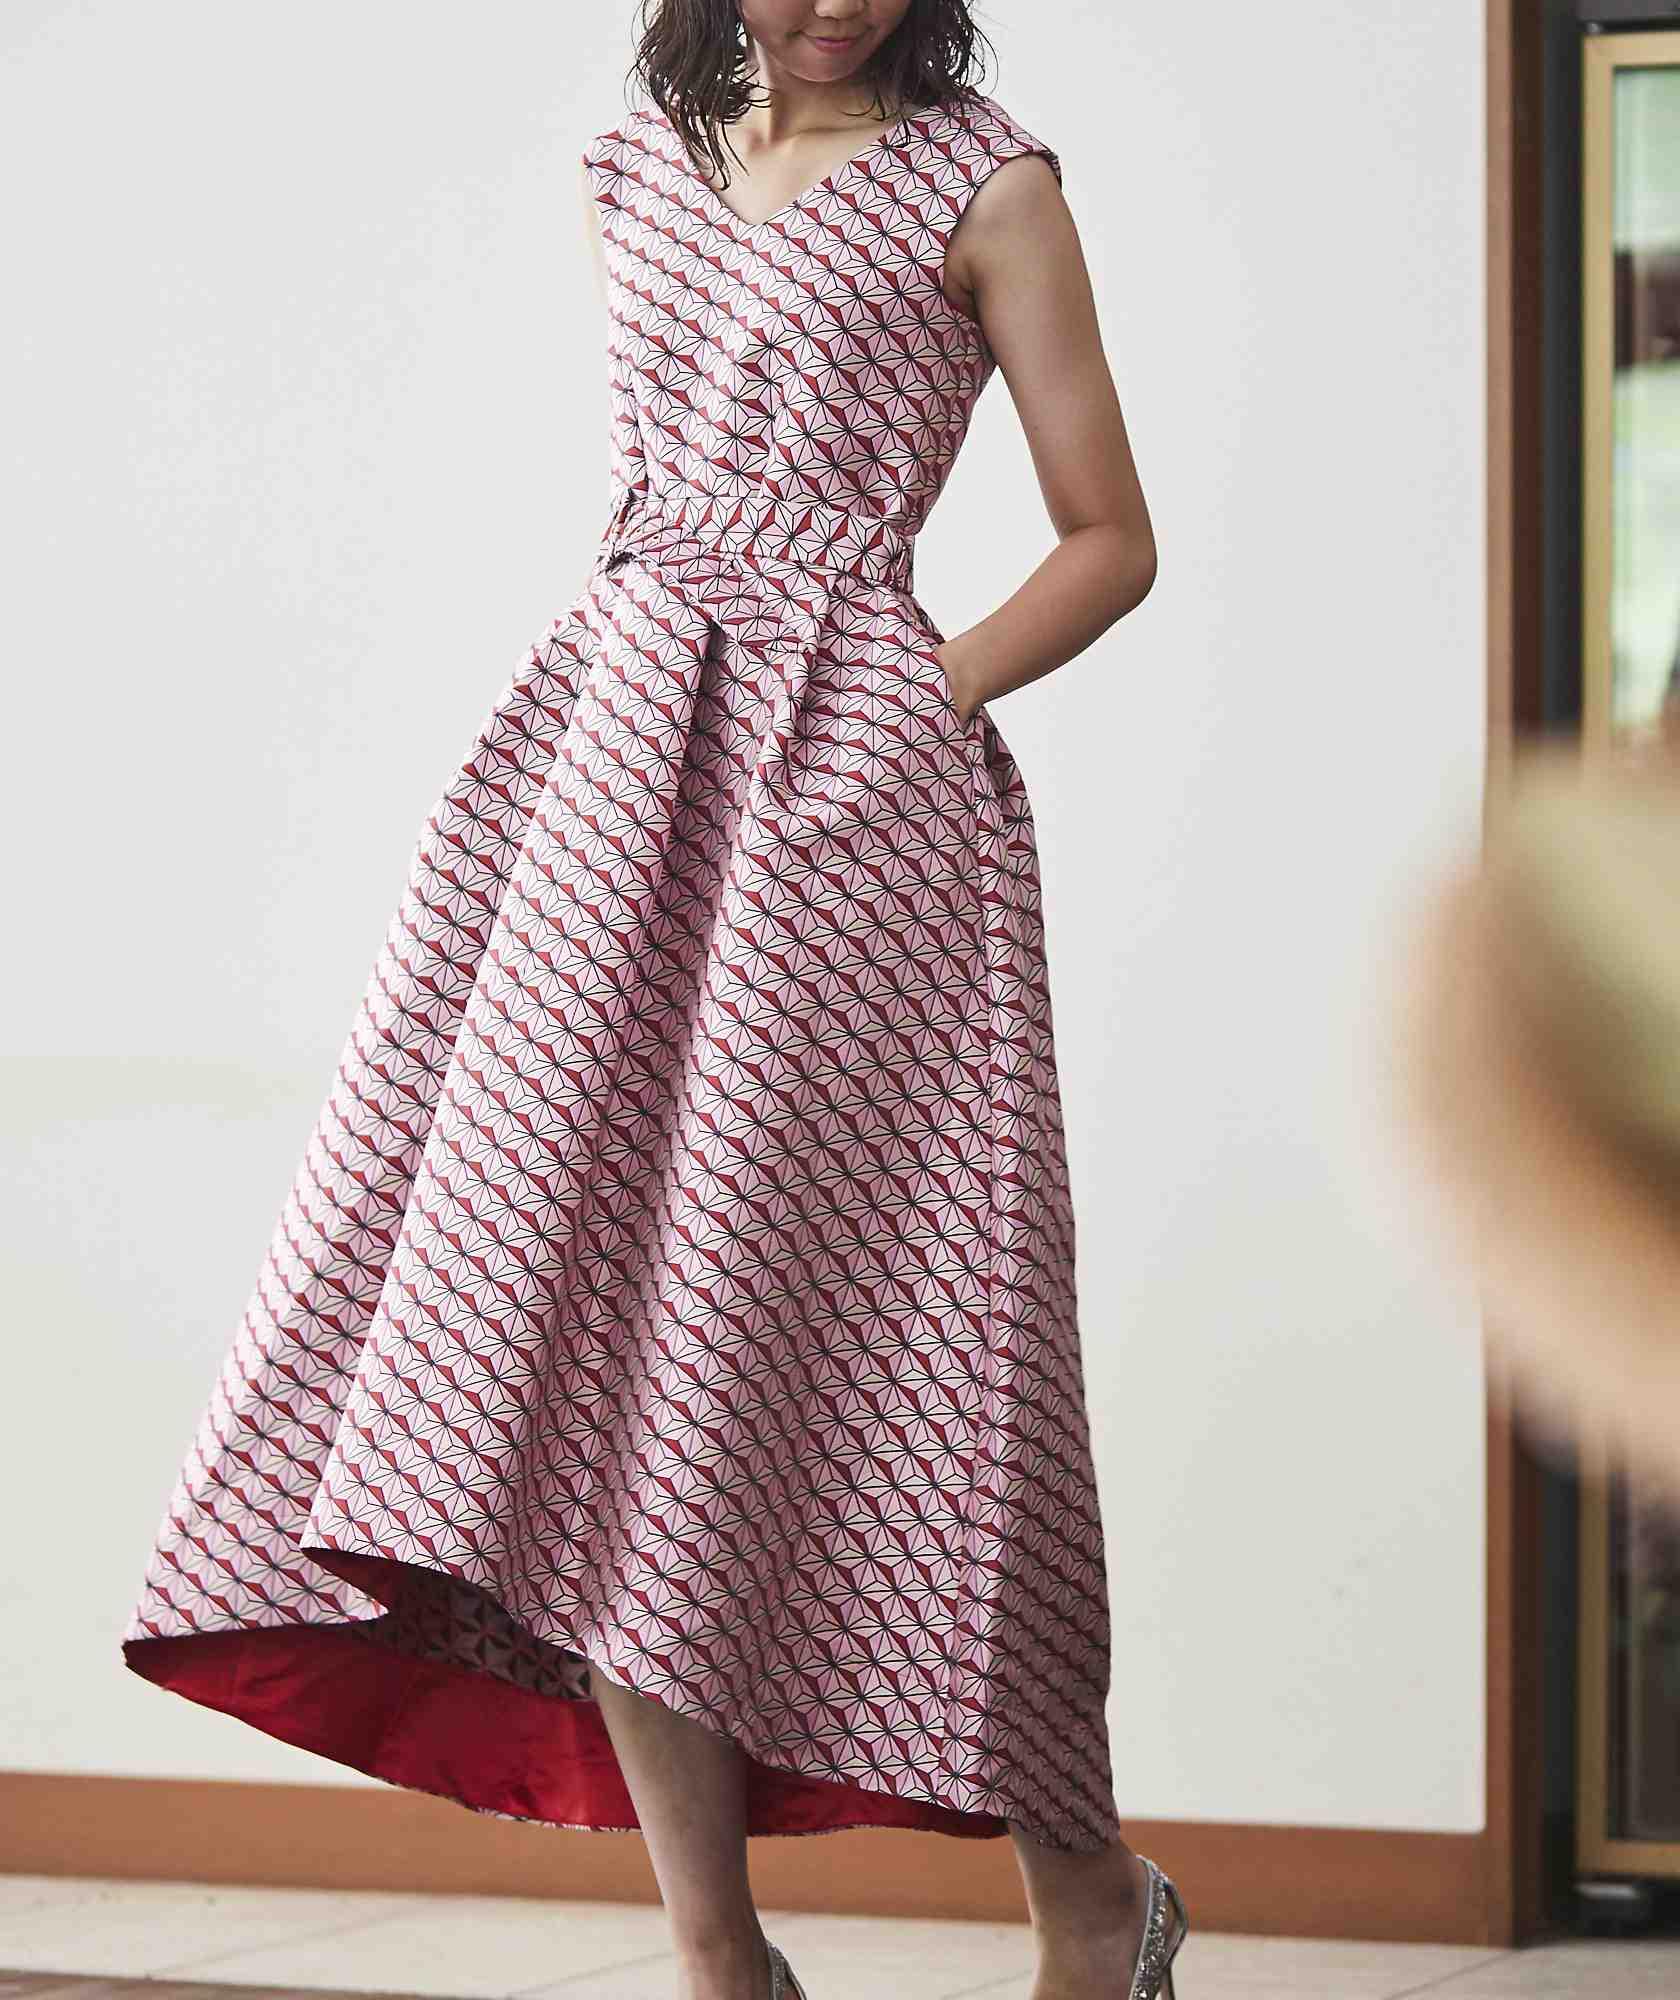 フルパターンAラインボリュームミディアムドレス-ピンク-M